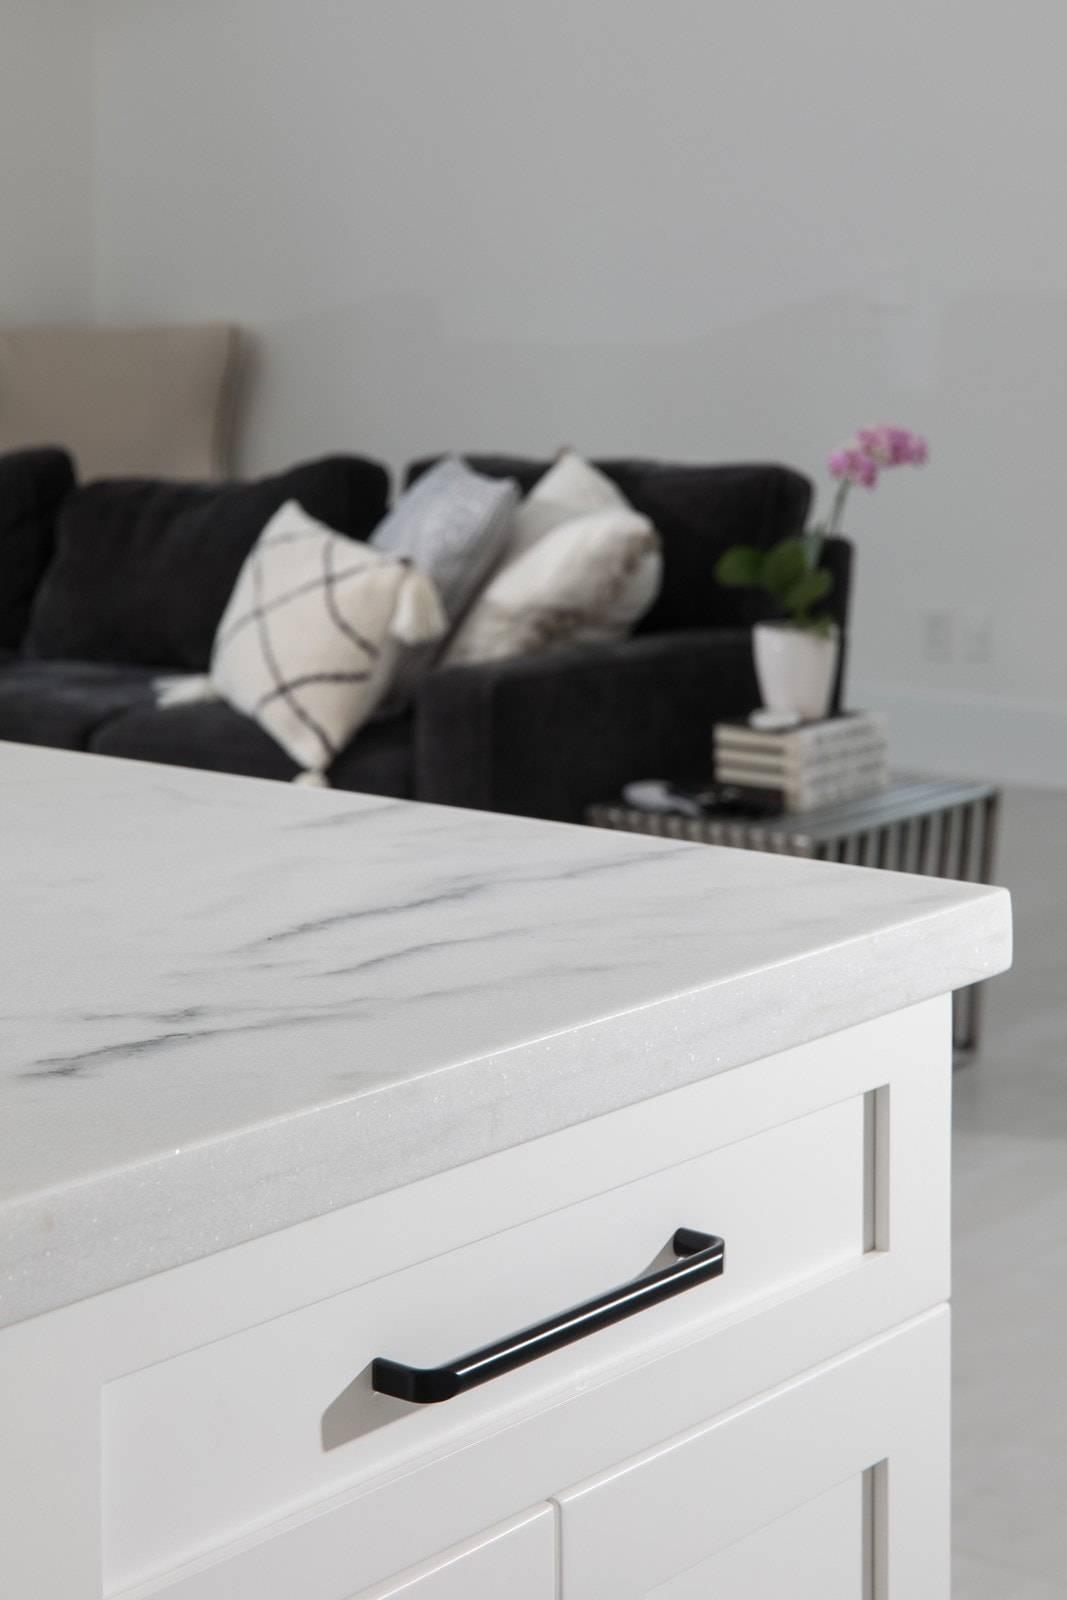 Dolomite 101 2, Primestones® Granite, Quartz, Marble